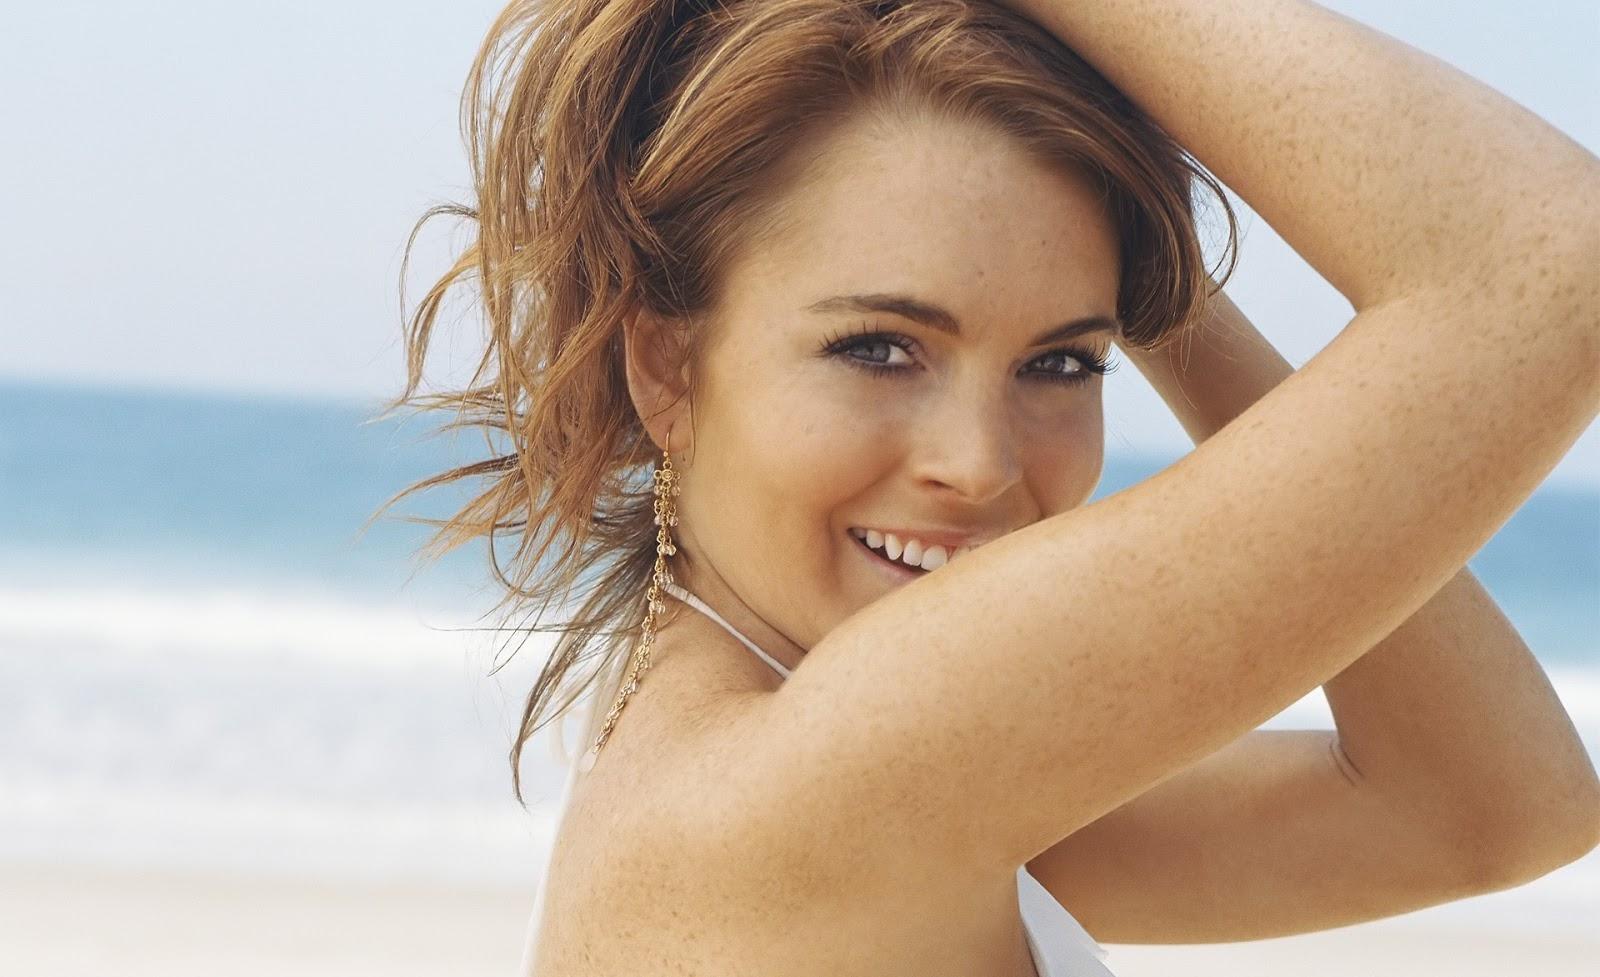 Lindsay Lohan - OkDIO | Celebrity Leaked Photos